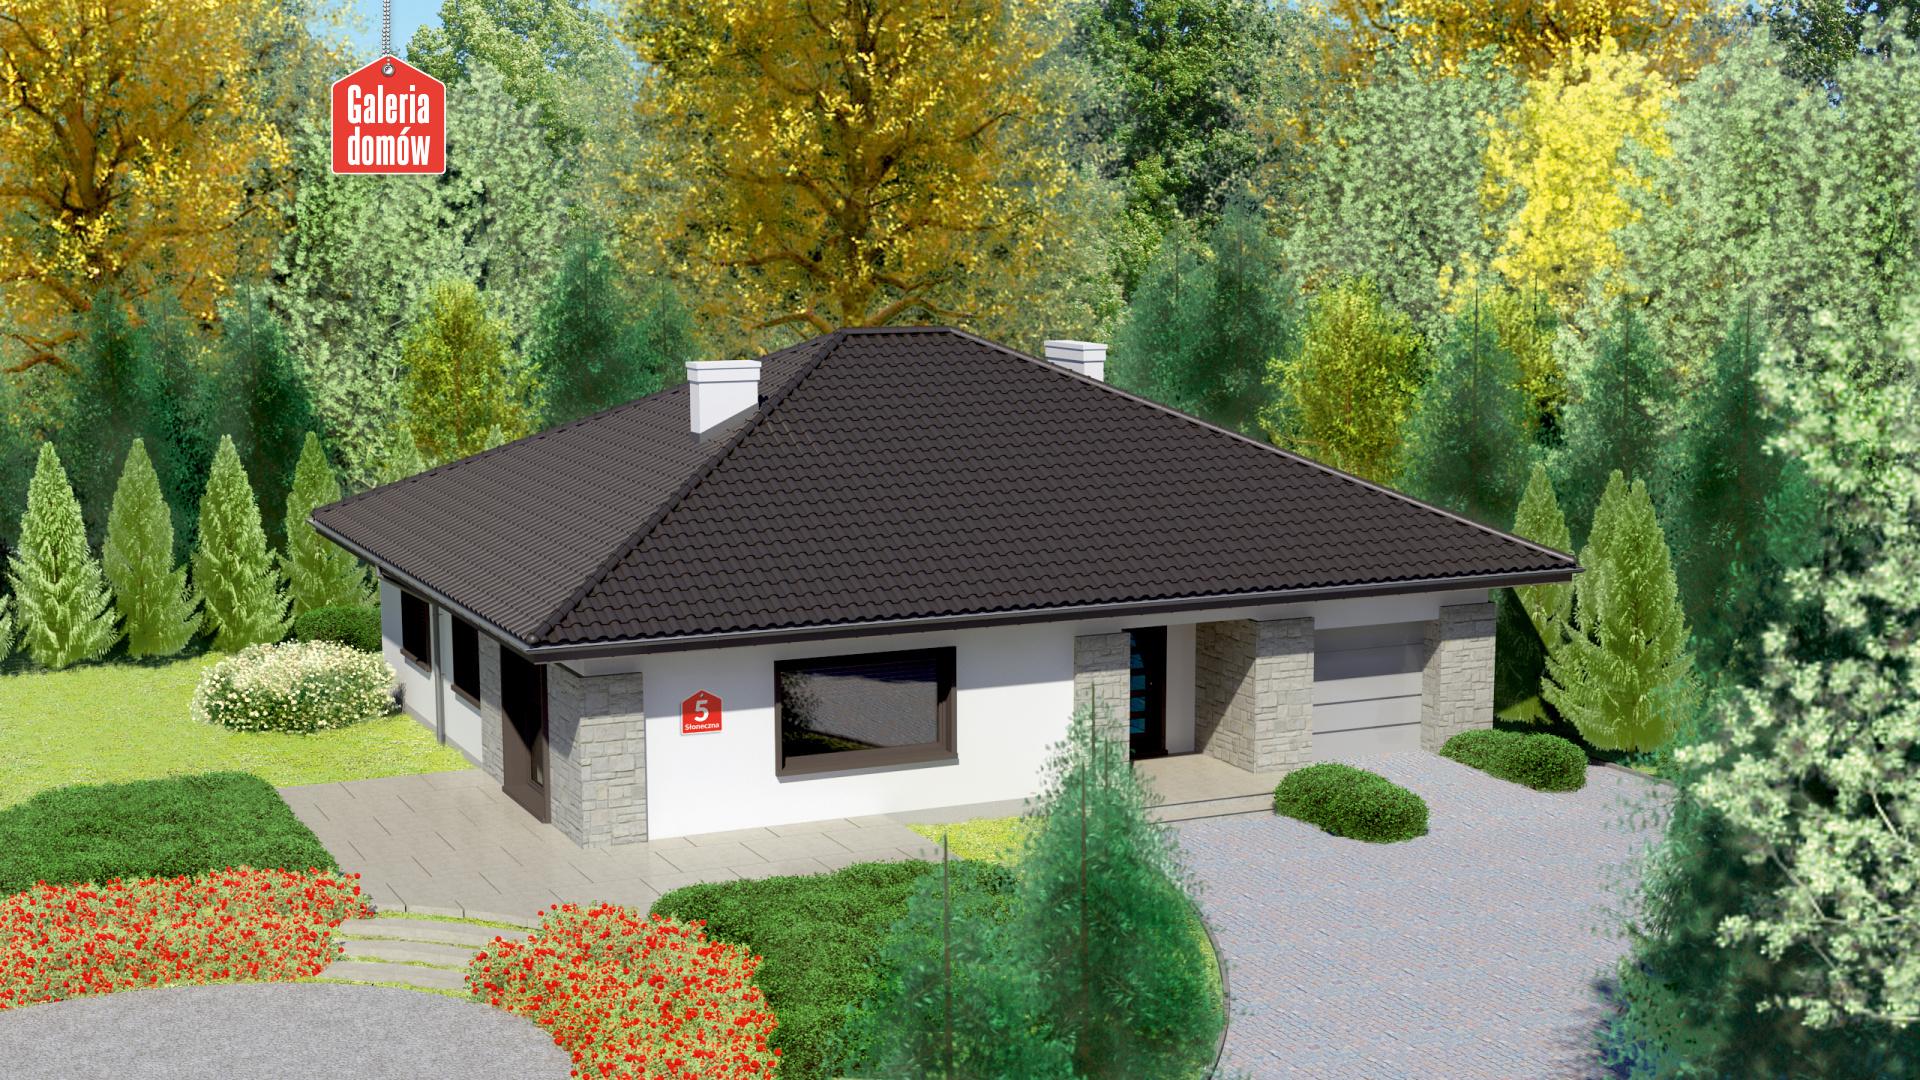 Dom przy Słonecznej 5 - zdjęcie projektu i wizualizacja